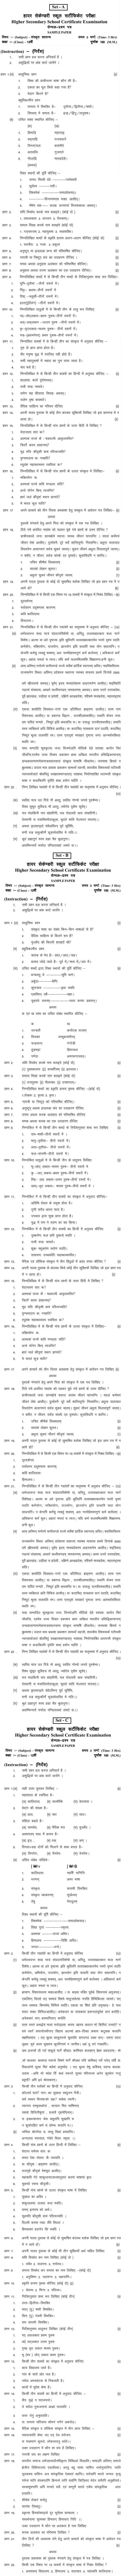 Chattisgarh Board Class 12 English GeneralSample Paper